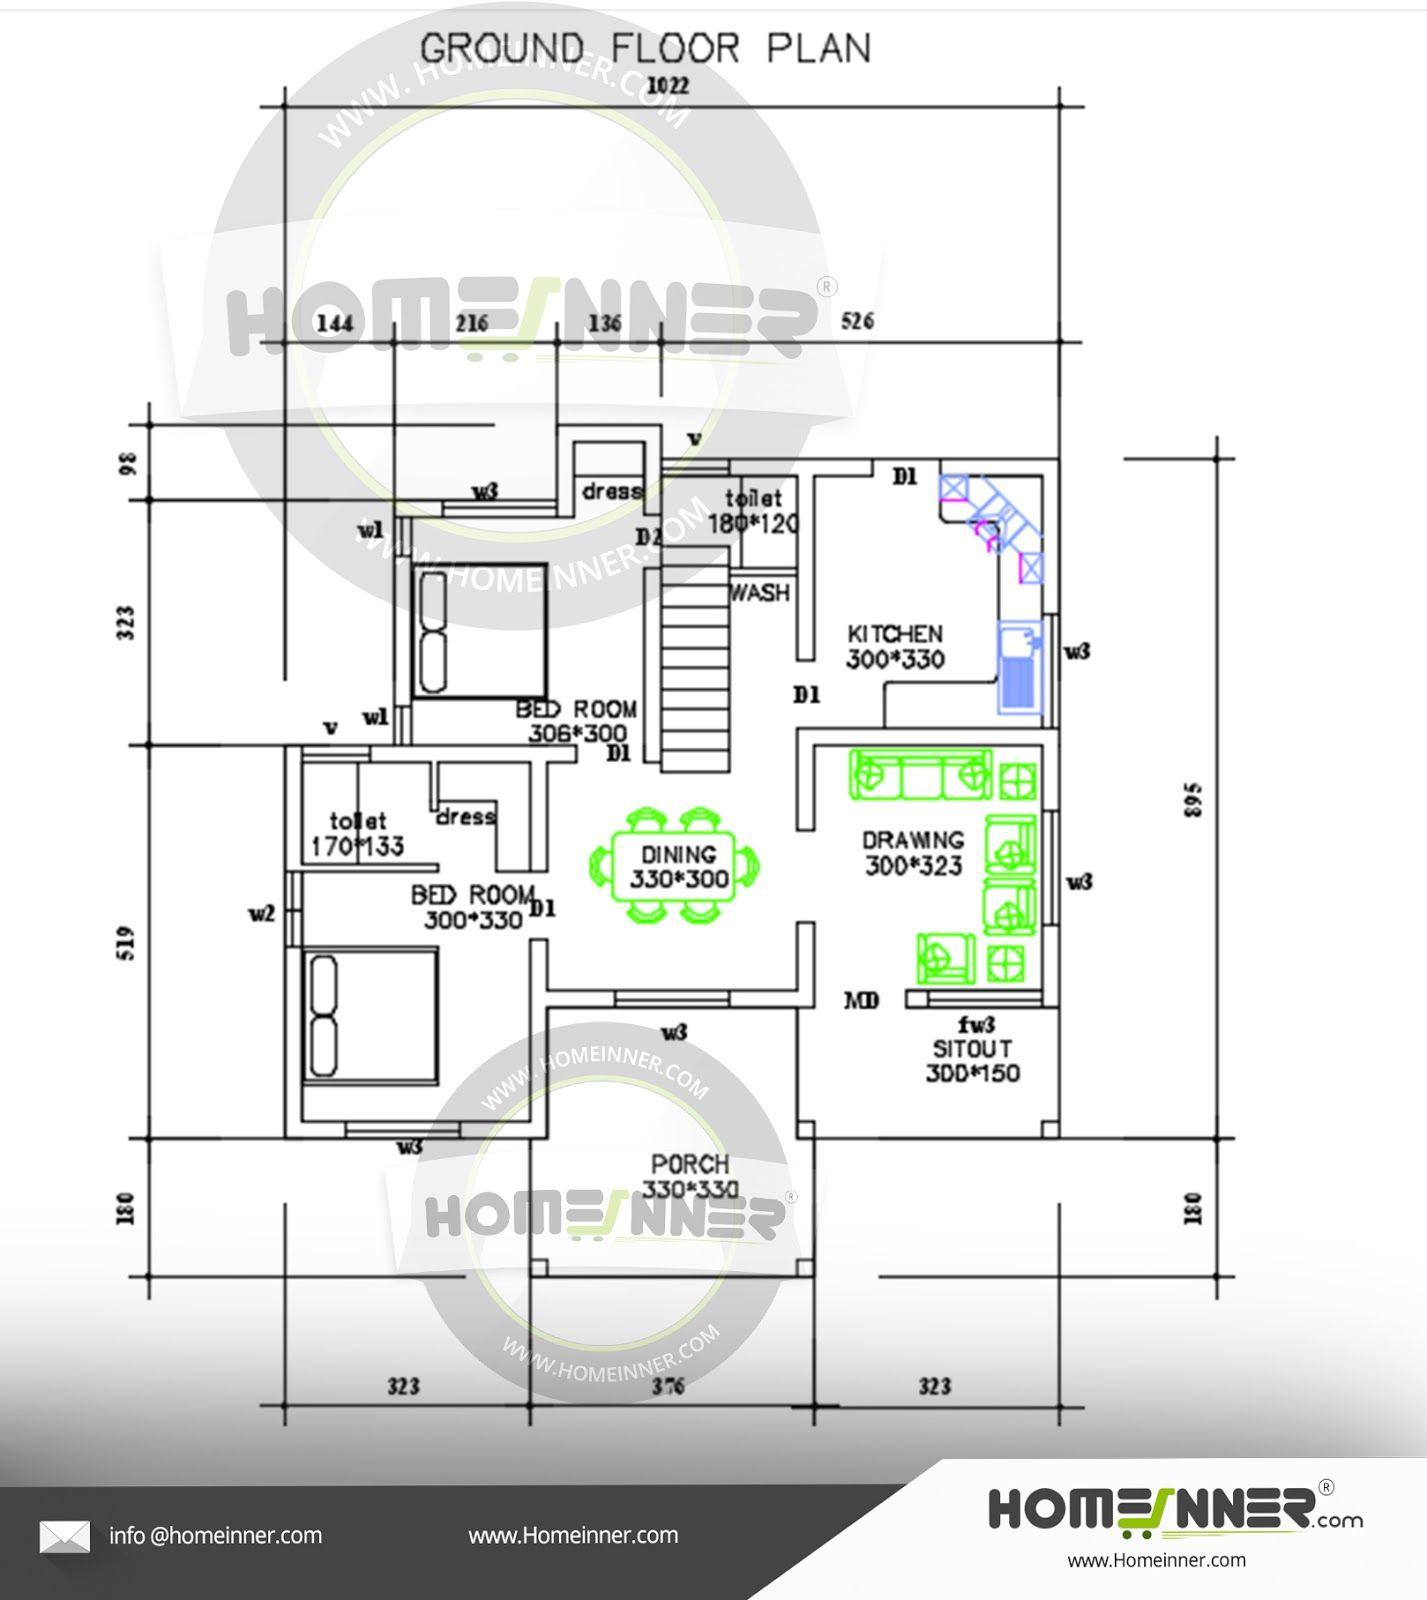 Best Home Design Magazine Homeinner Best Paid Home Design Magazine Featuring 2d Free House Plans Layout Free 3d Floor Plans Free Floor Plans Collections Free House Plans House Plans